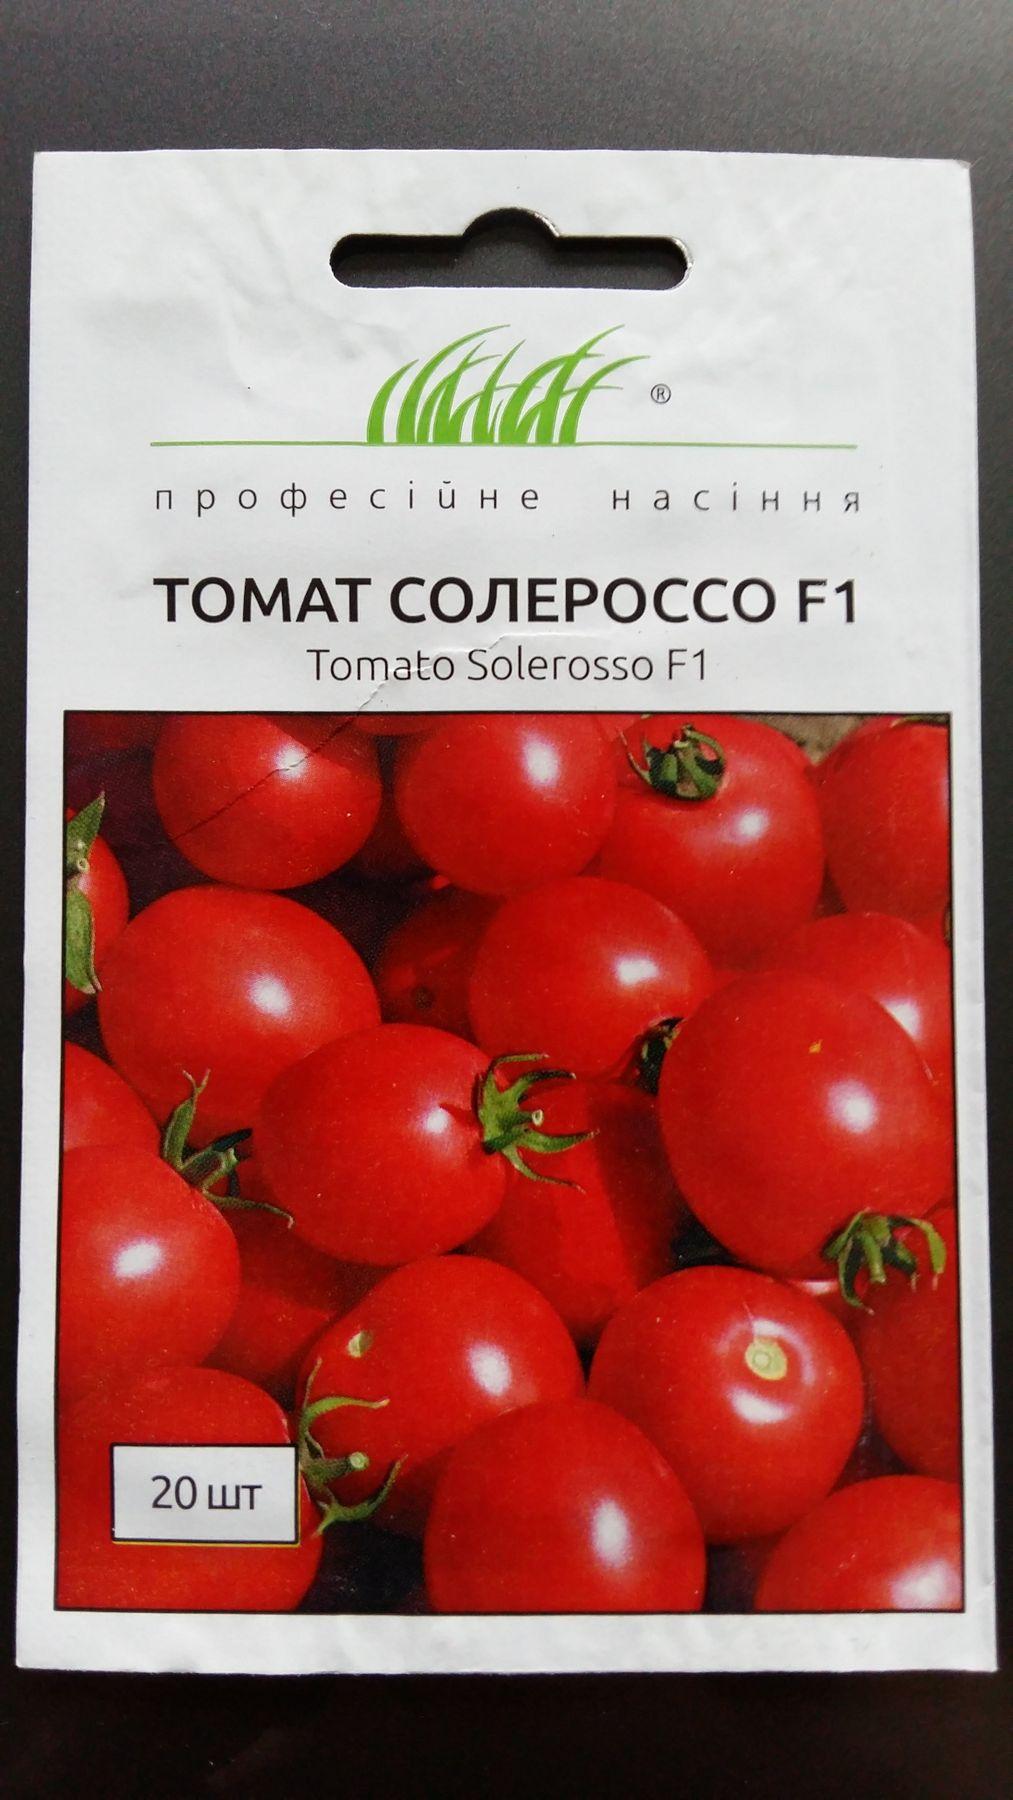 """Томат """"аврора f1"""": описание сорта, рекомендации по уходу и выращиванию, применимость плодов-помидор русский фермер"""